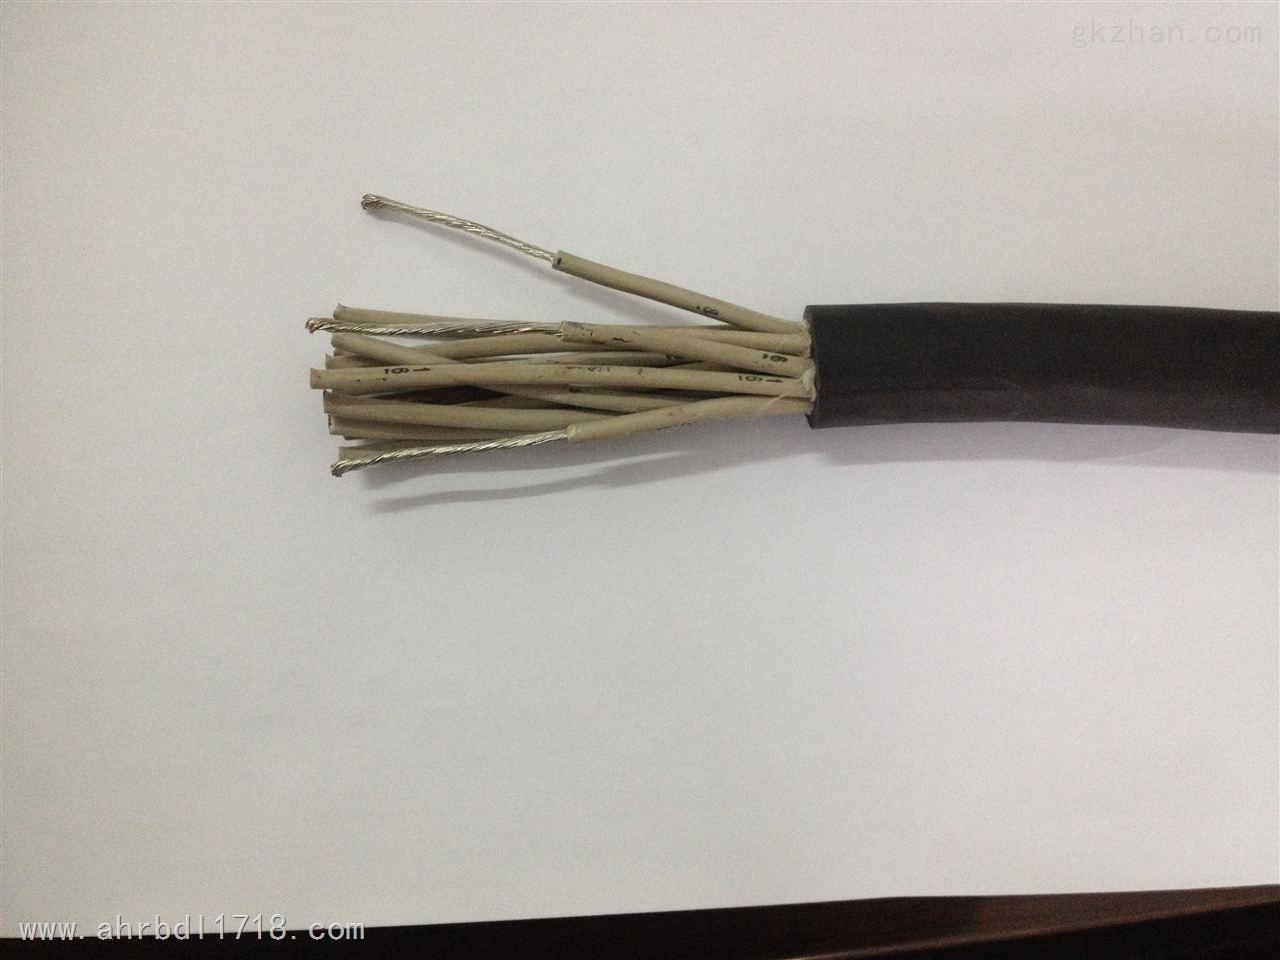 JHSB防水橡套扁电缆